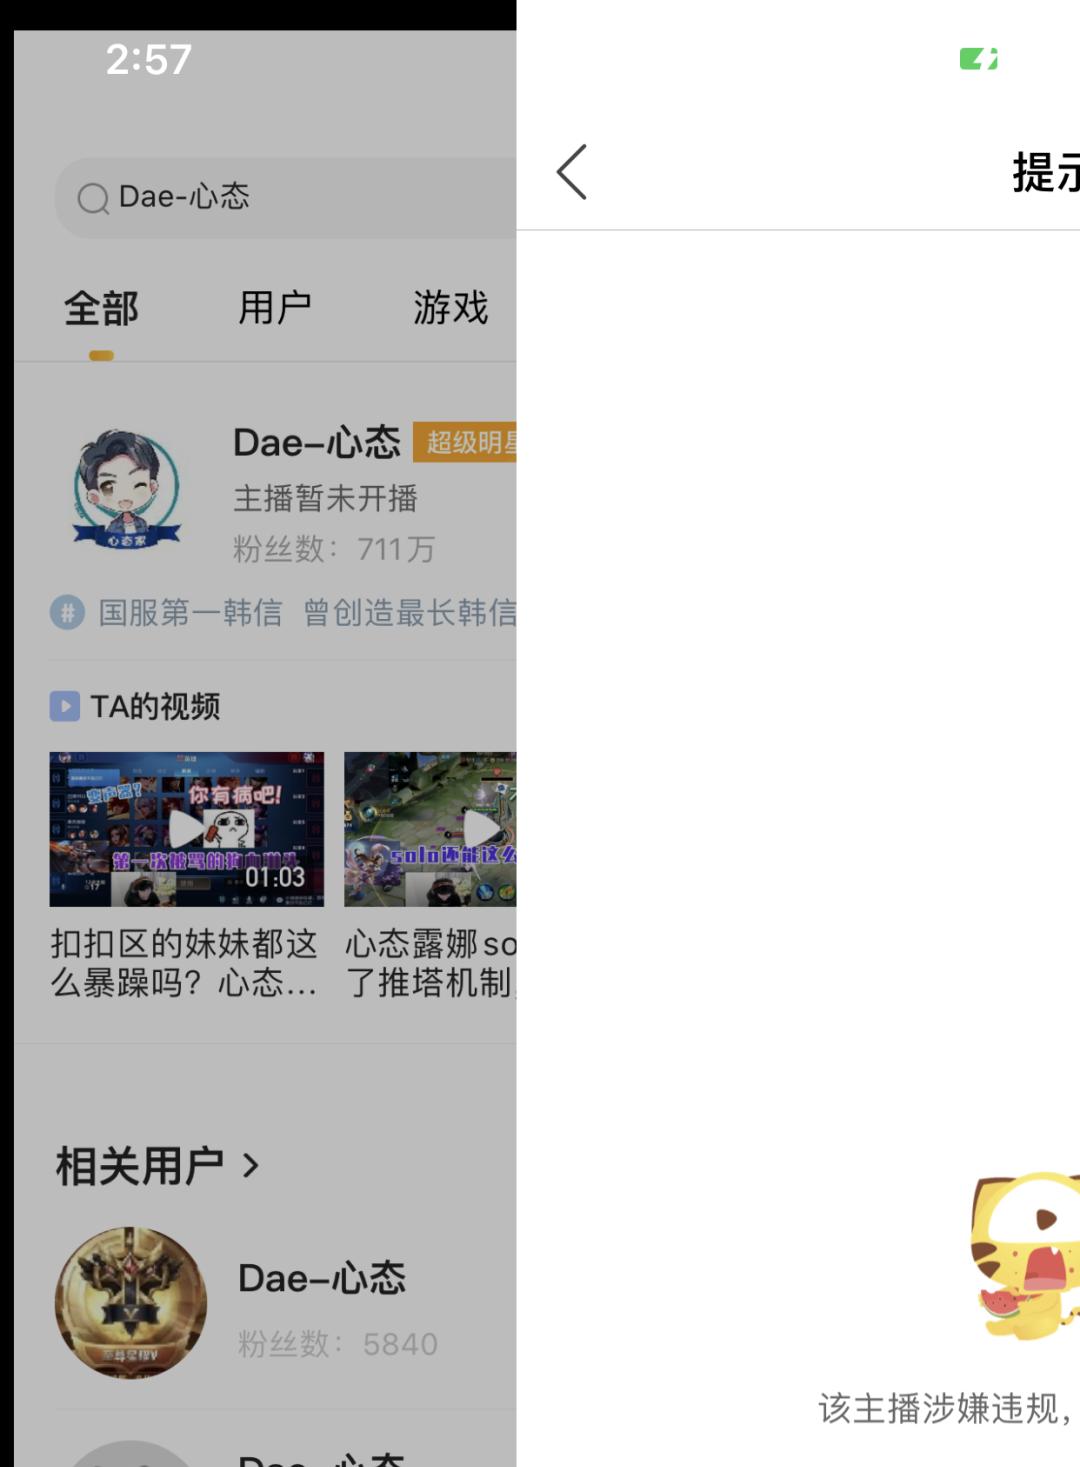 《【煜星娱乐登录平台】王者主播心态直播间被封?原来是在直播做这种事,不被封才怪了!》